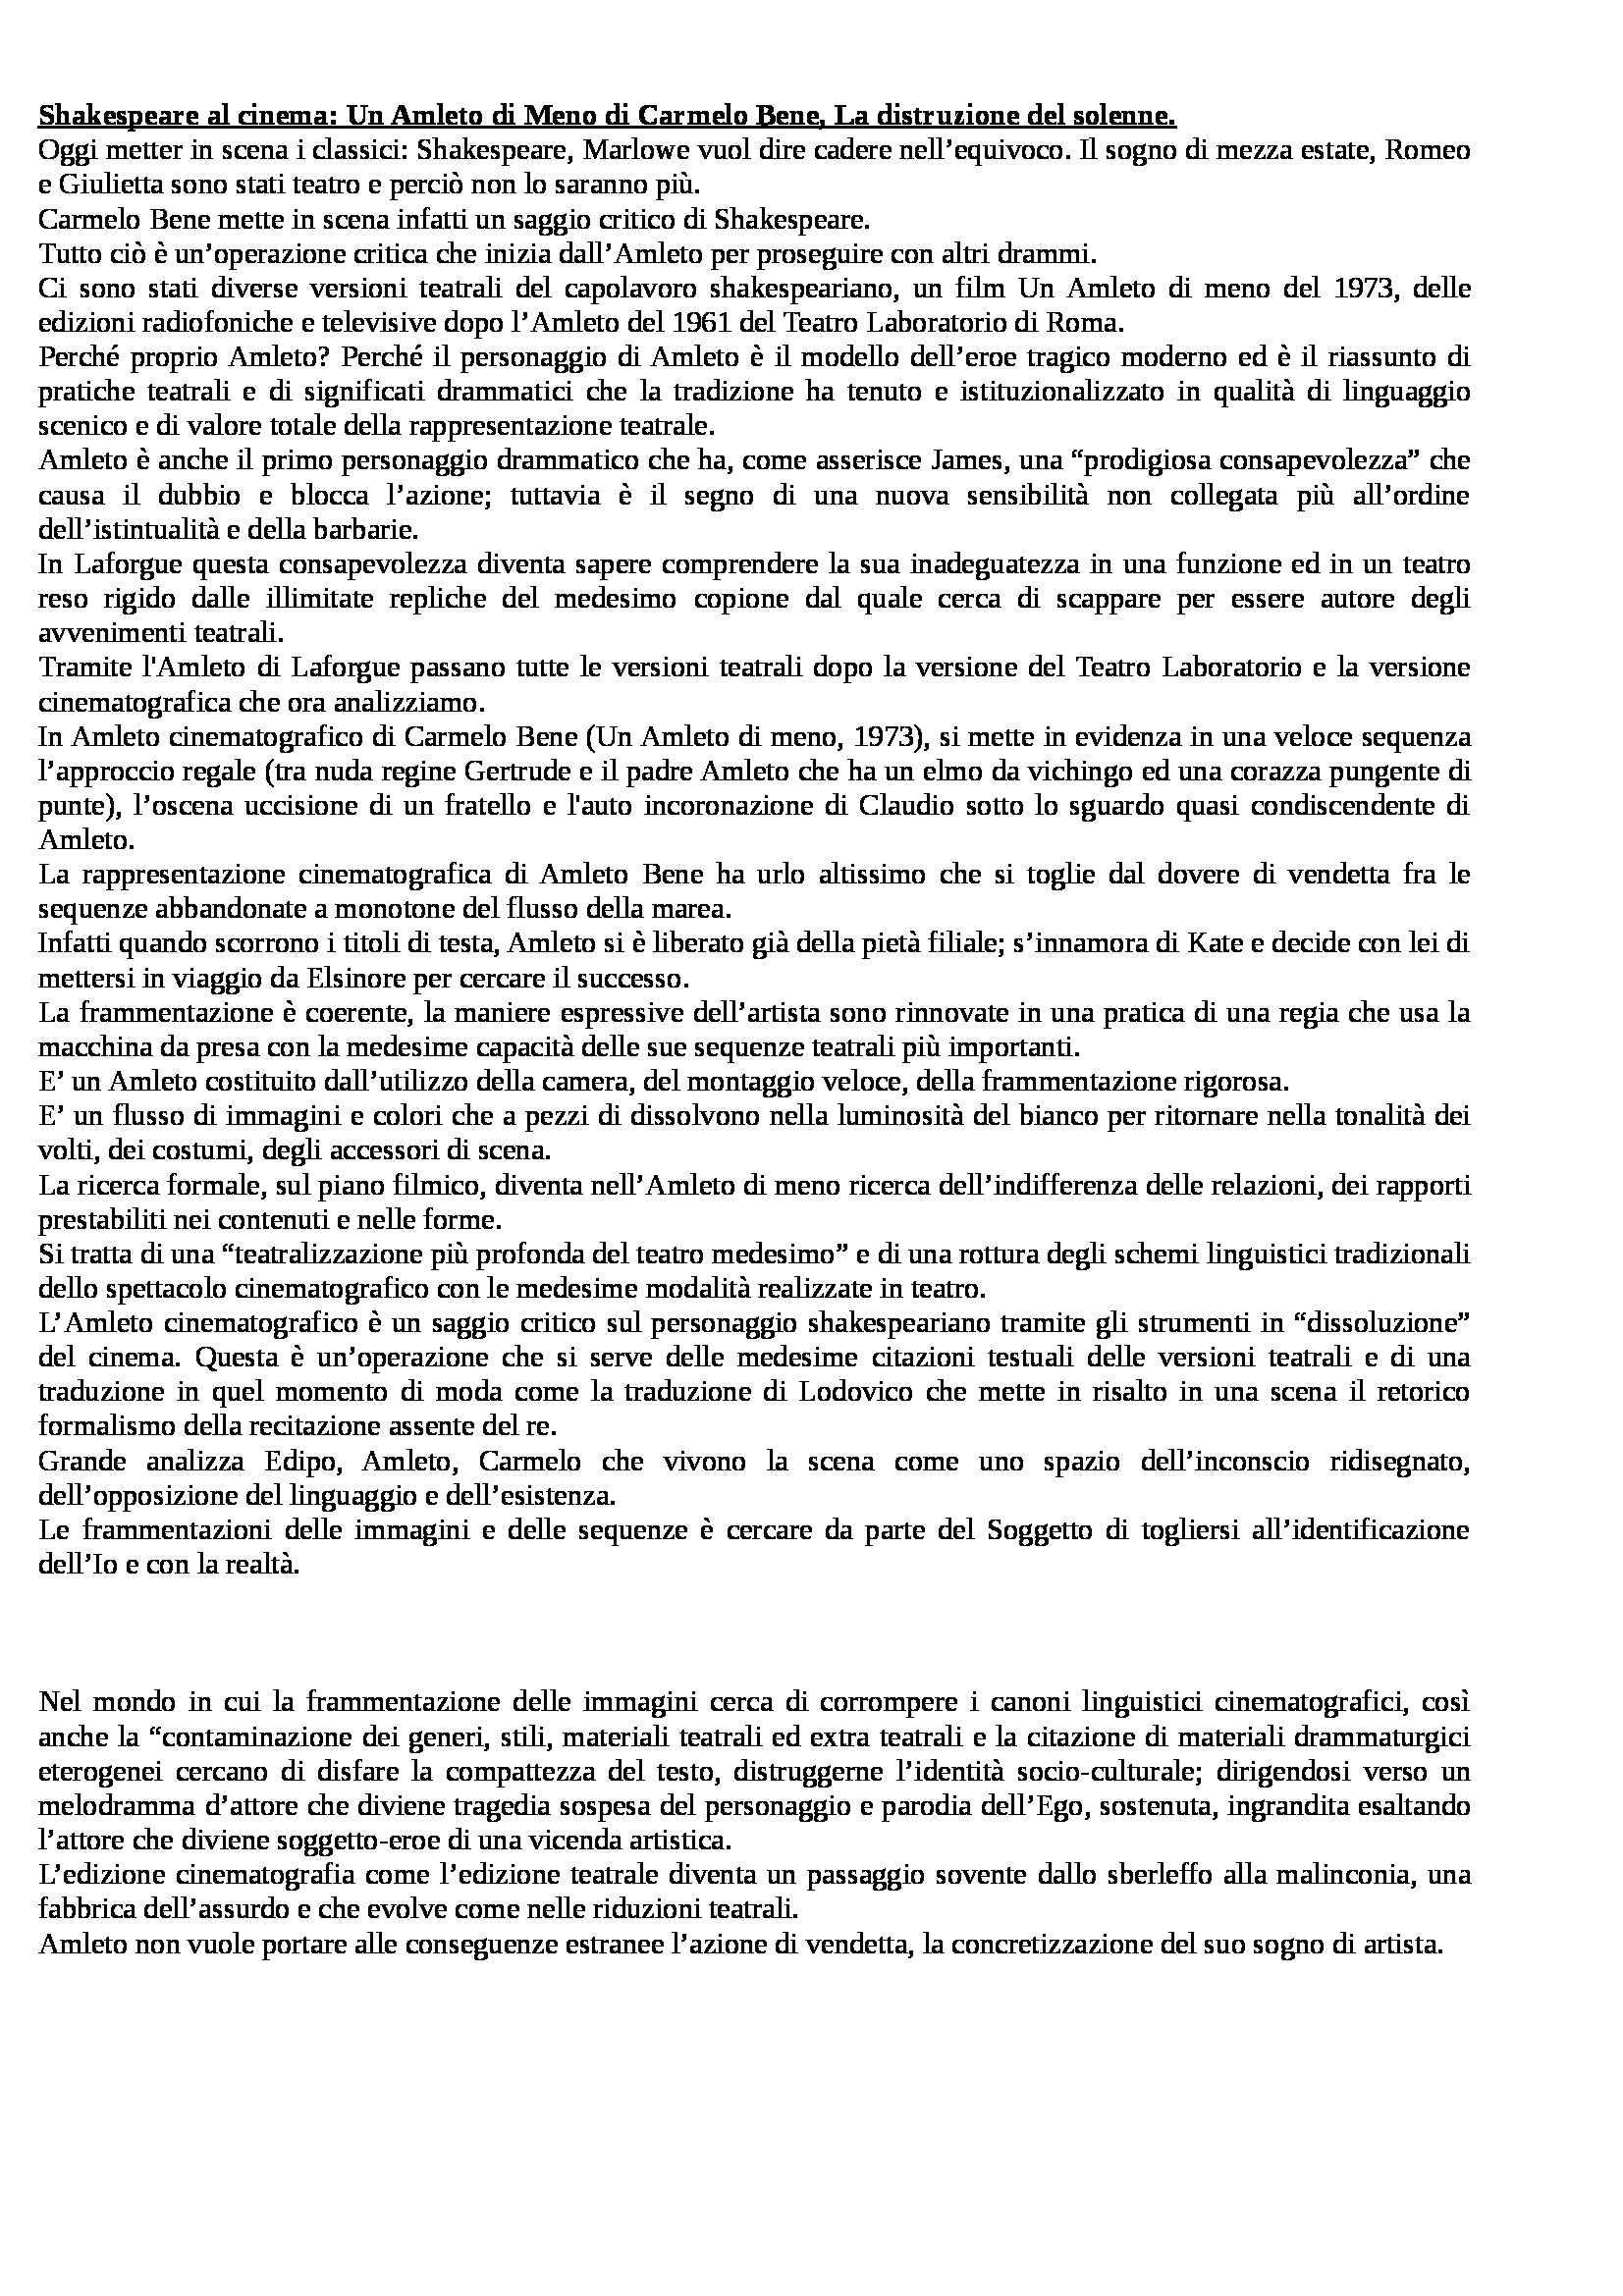 Storia del teatro e dello spettacolo - Un Amleto di Meno, Carmelo Bene